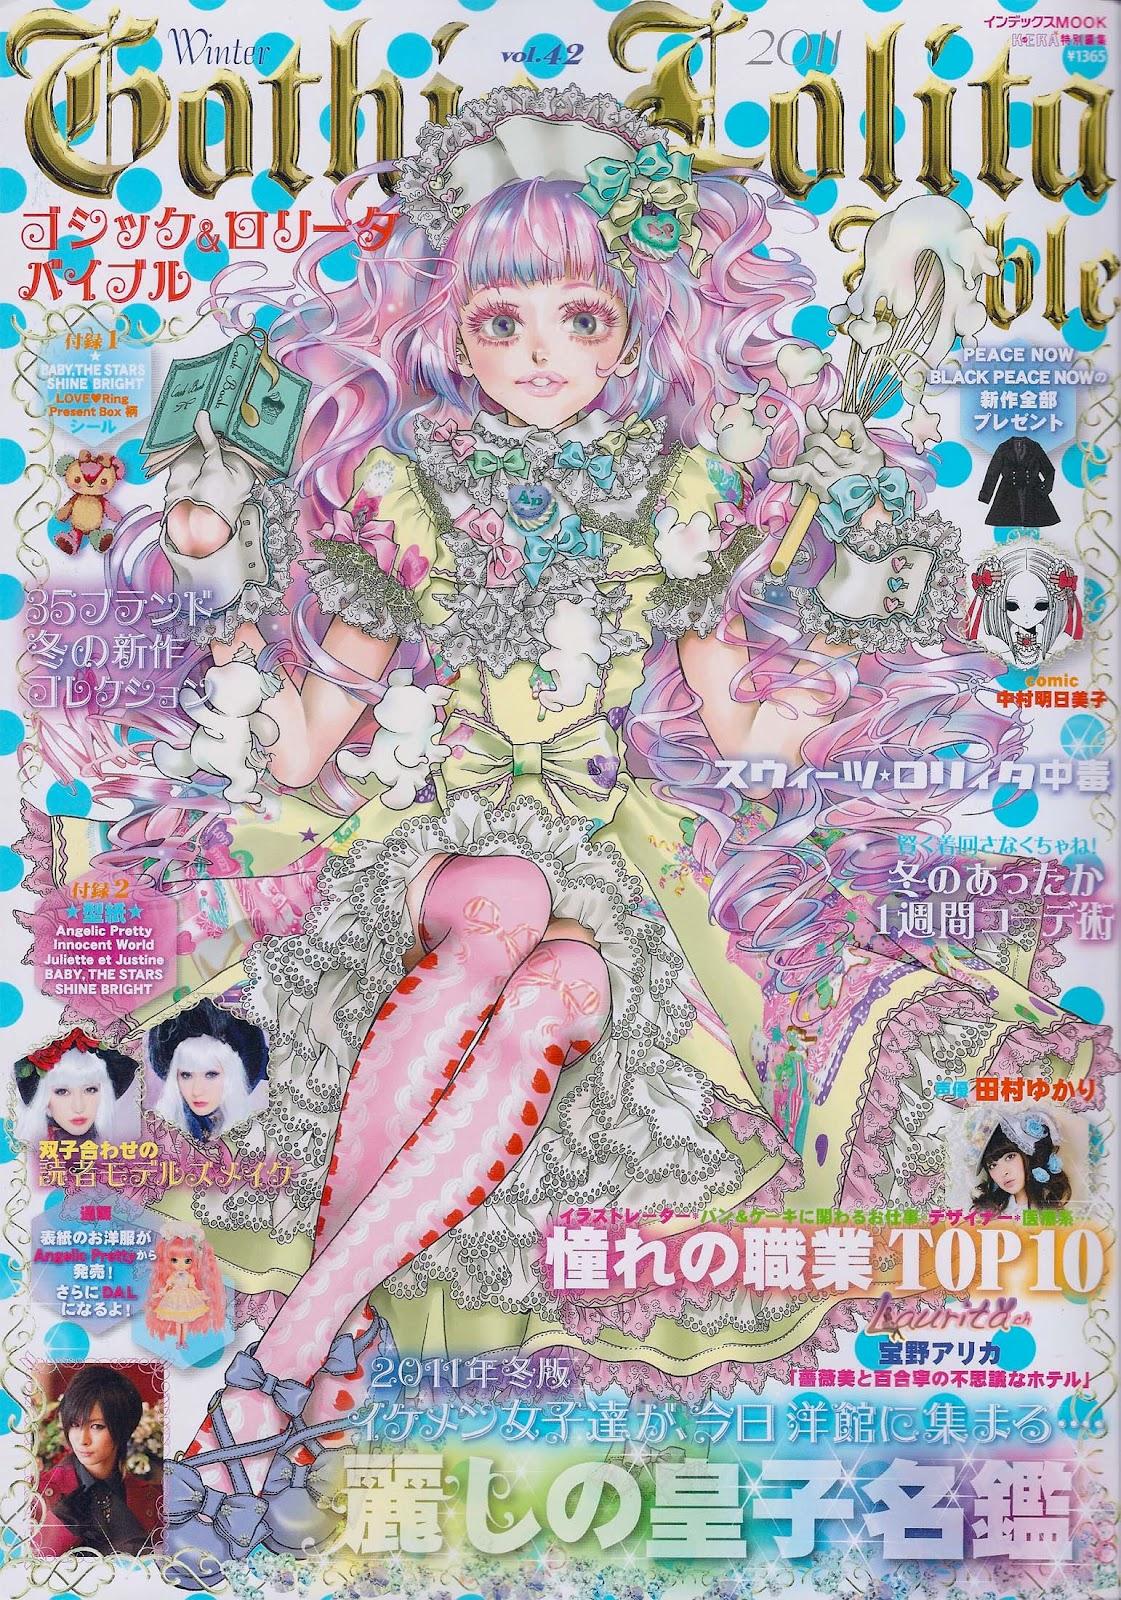 Les couv' de Gothic Lolita Bible ! :) Glb42-0cover